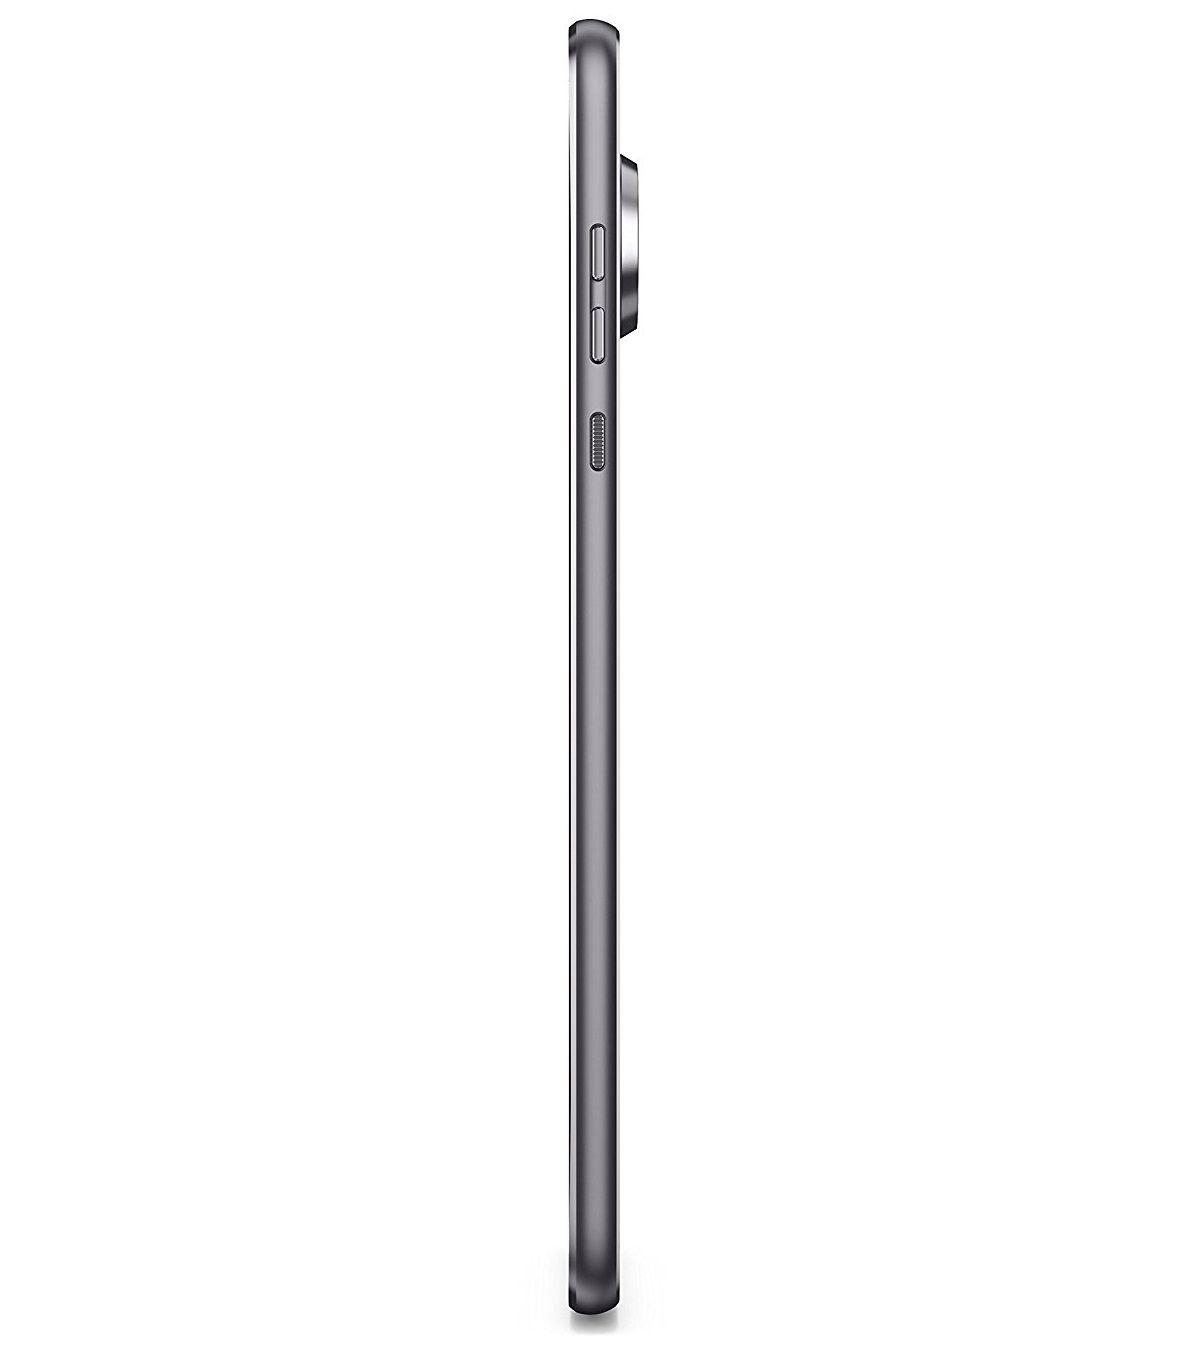 Motorola Moto Z2 Play 64GB Dual SIM